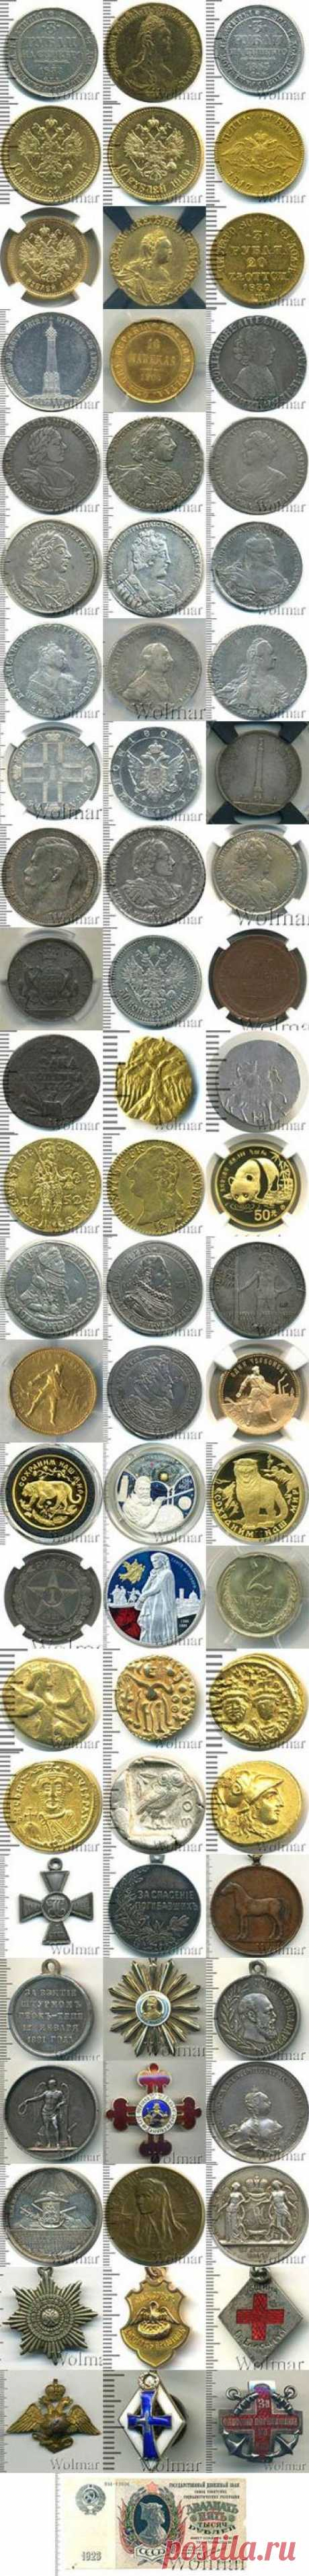 Интернет аукцион монет и медалей - нумизматика покупка и продажа монет, скупка монет и медалей онлайн в аукционном доме Wolmar.ru!